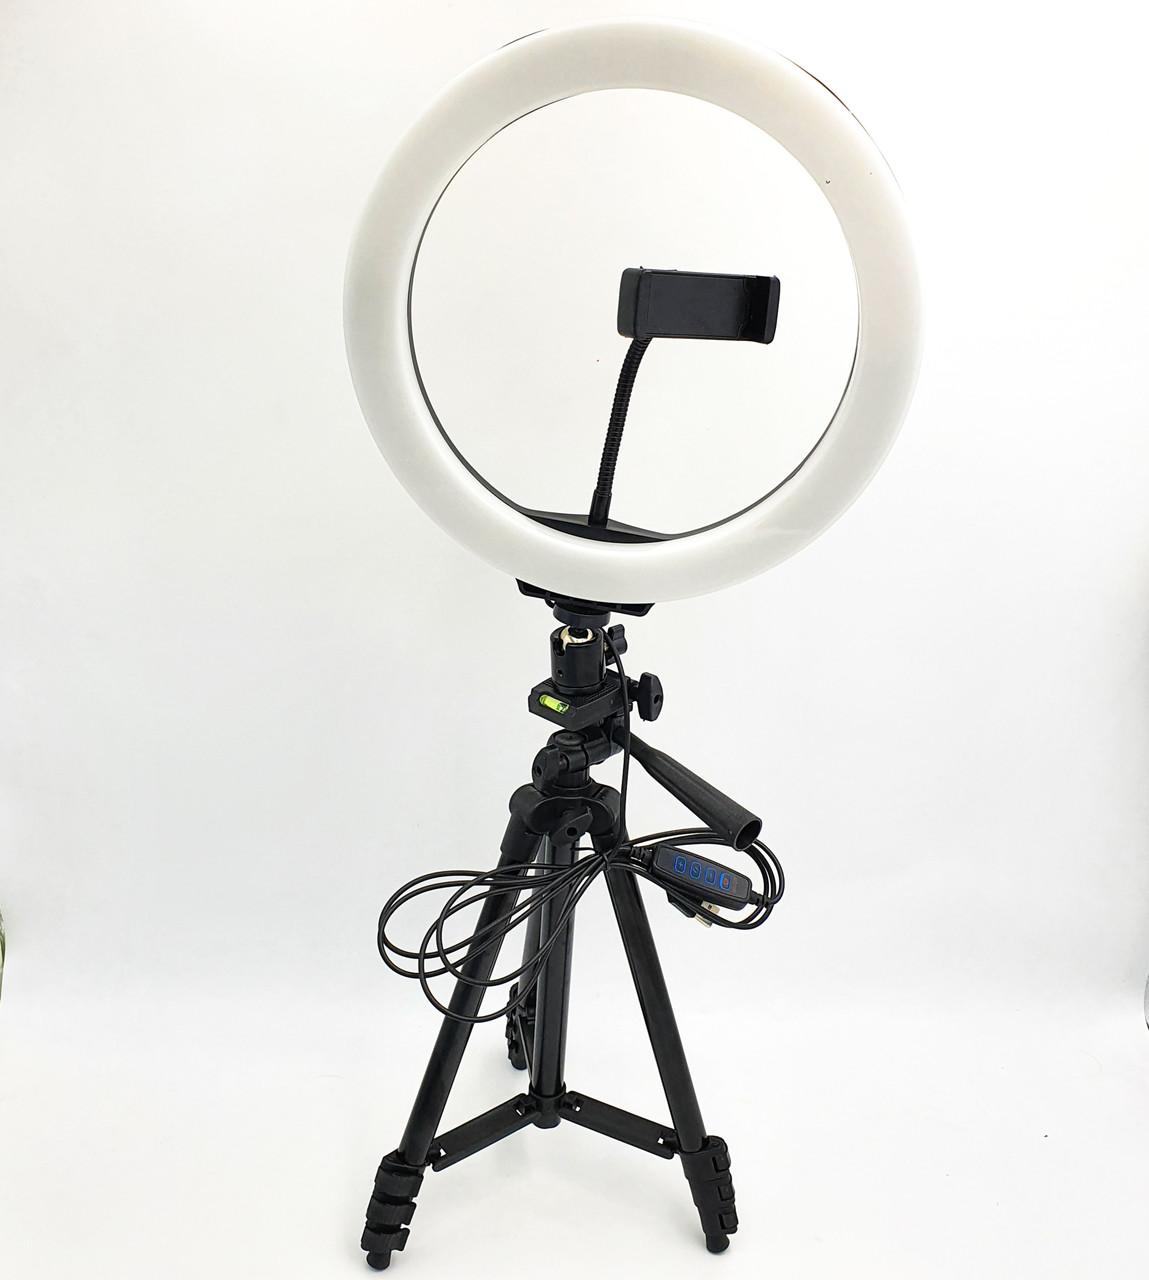 Набор блогера 2в1 кольцевая LED лампа 26 см 12W с держателем телефона и штатив 102 см селфи кольцо регулировка